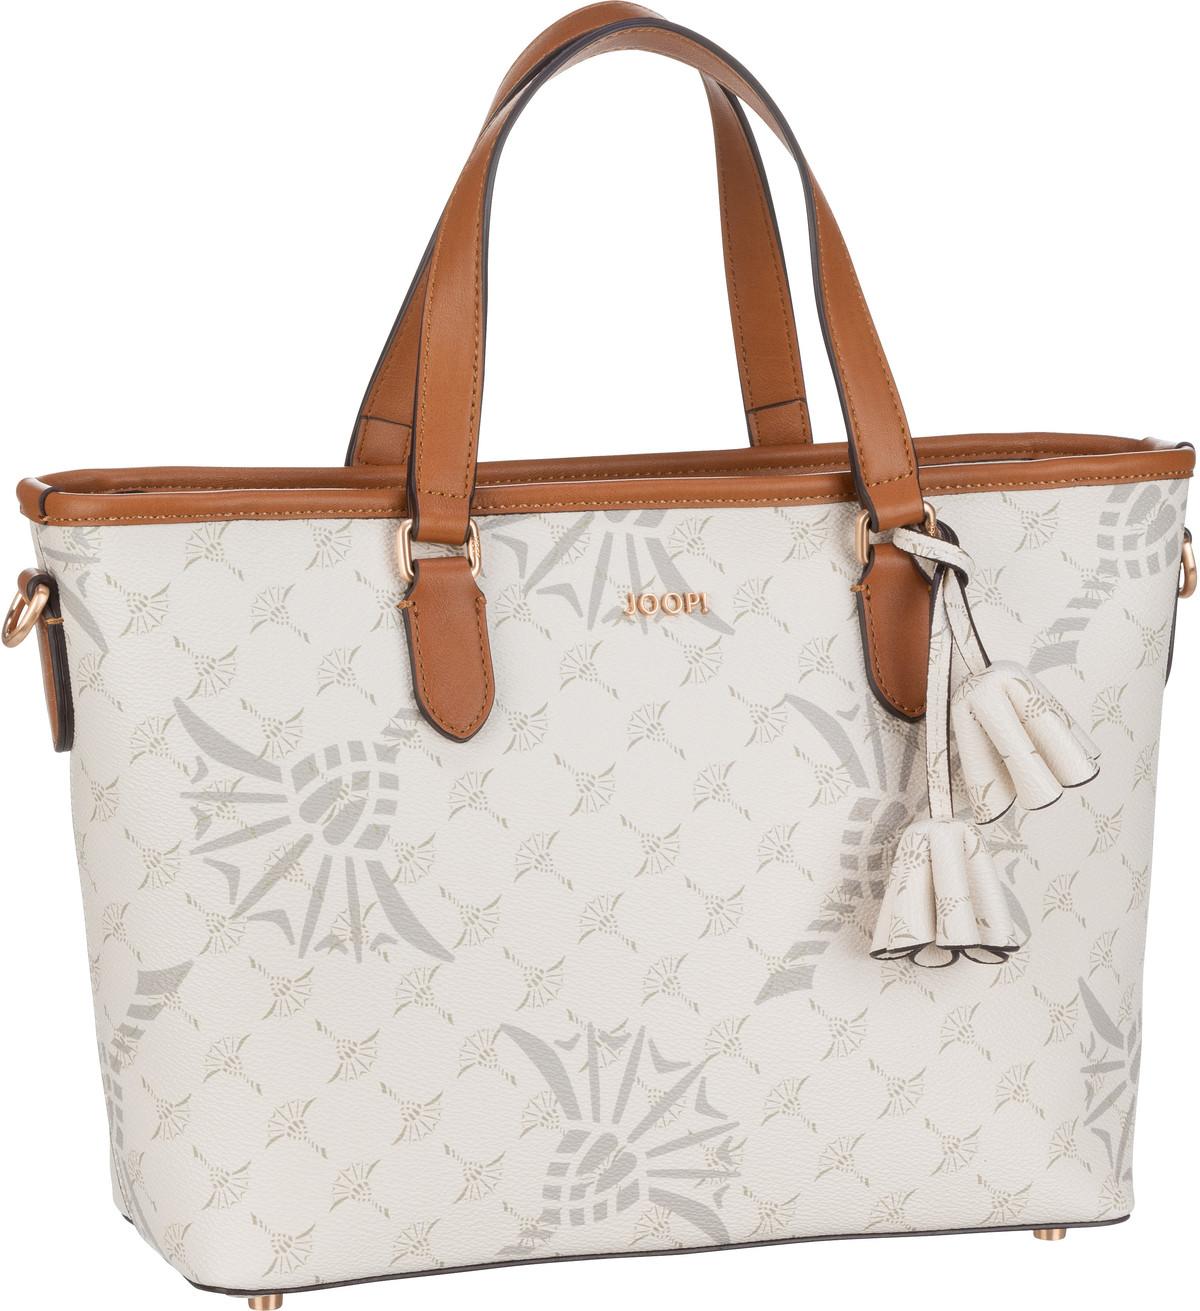 Handtasche Cortina Volte Ketty Handbag SHZ Offwhite